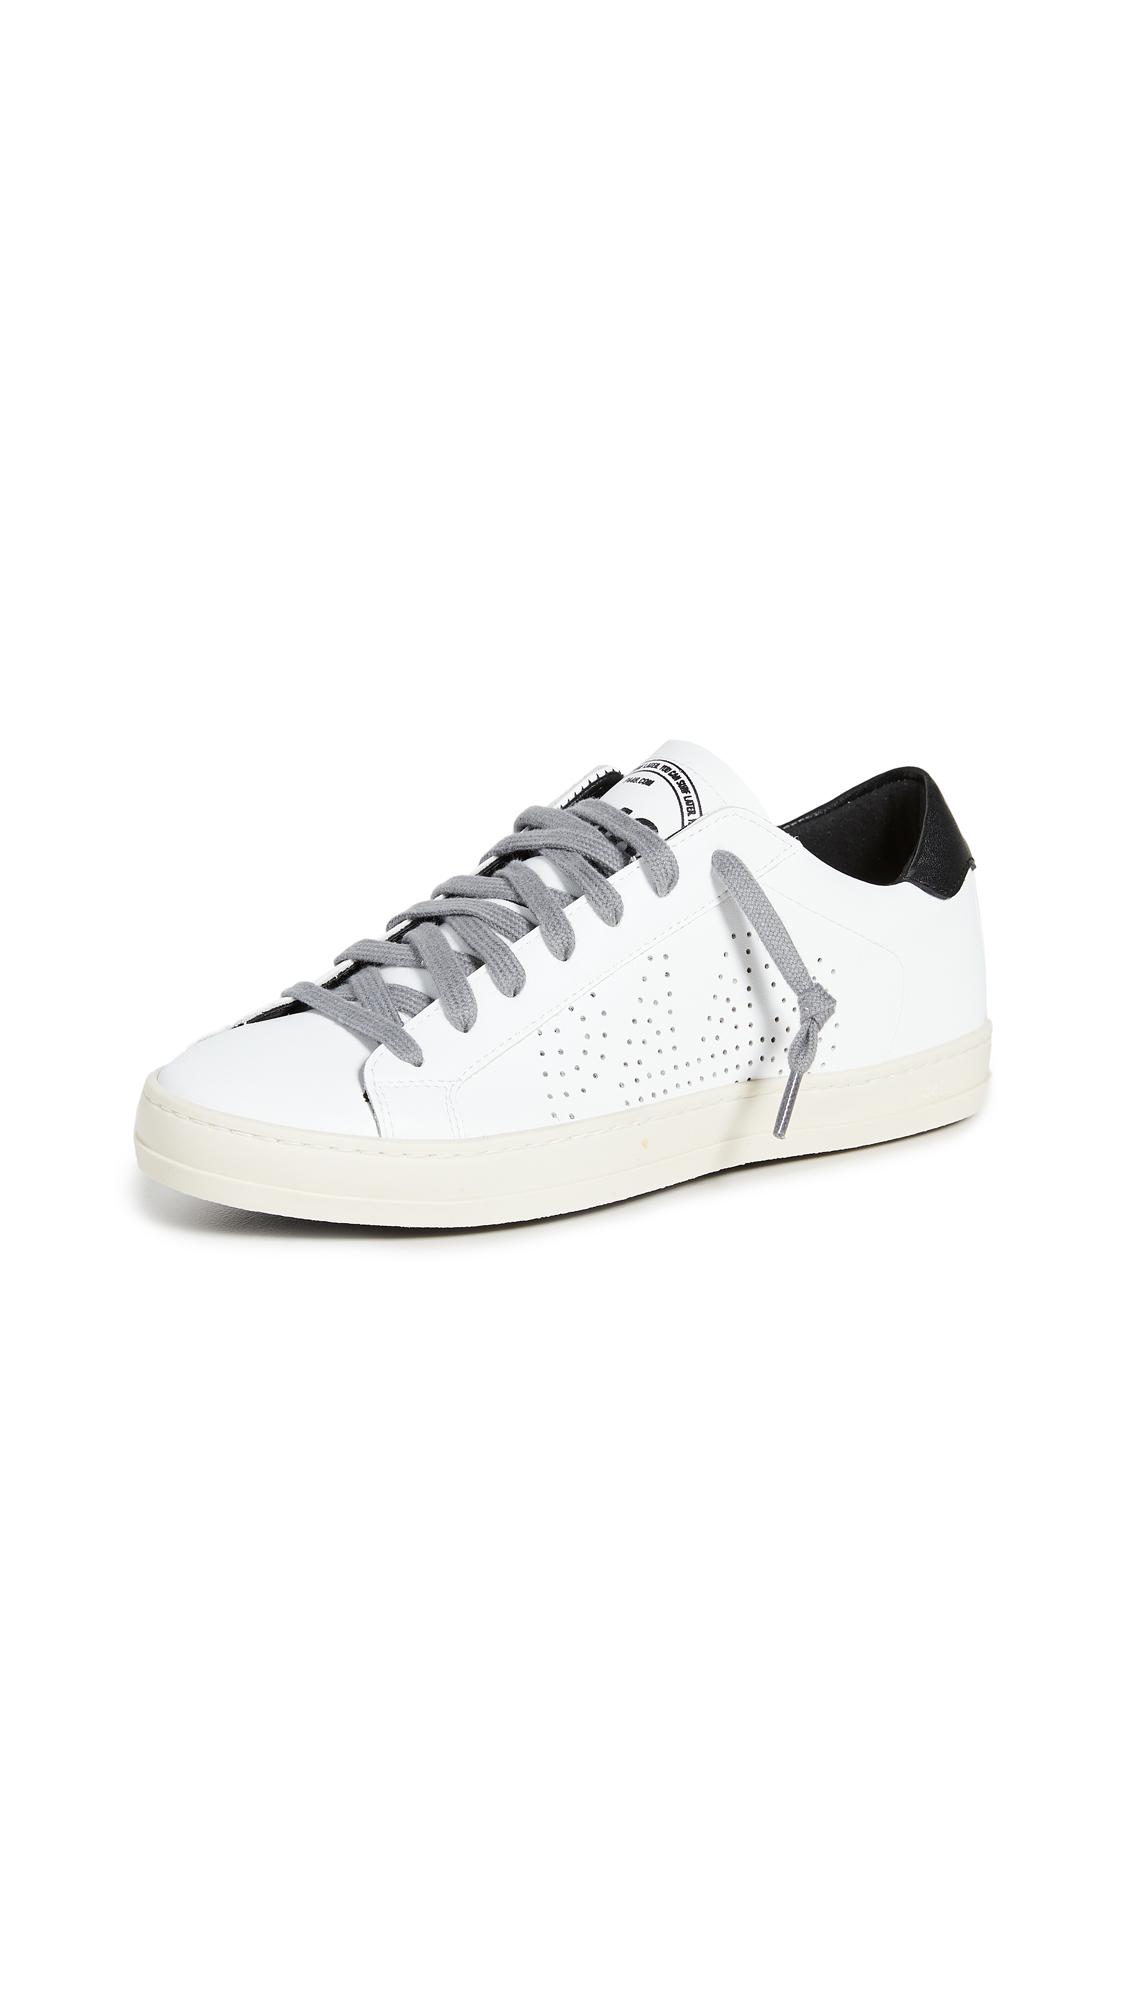 P448 Sneakers JOHN SNEAKERS